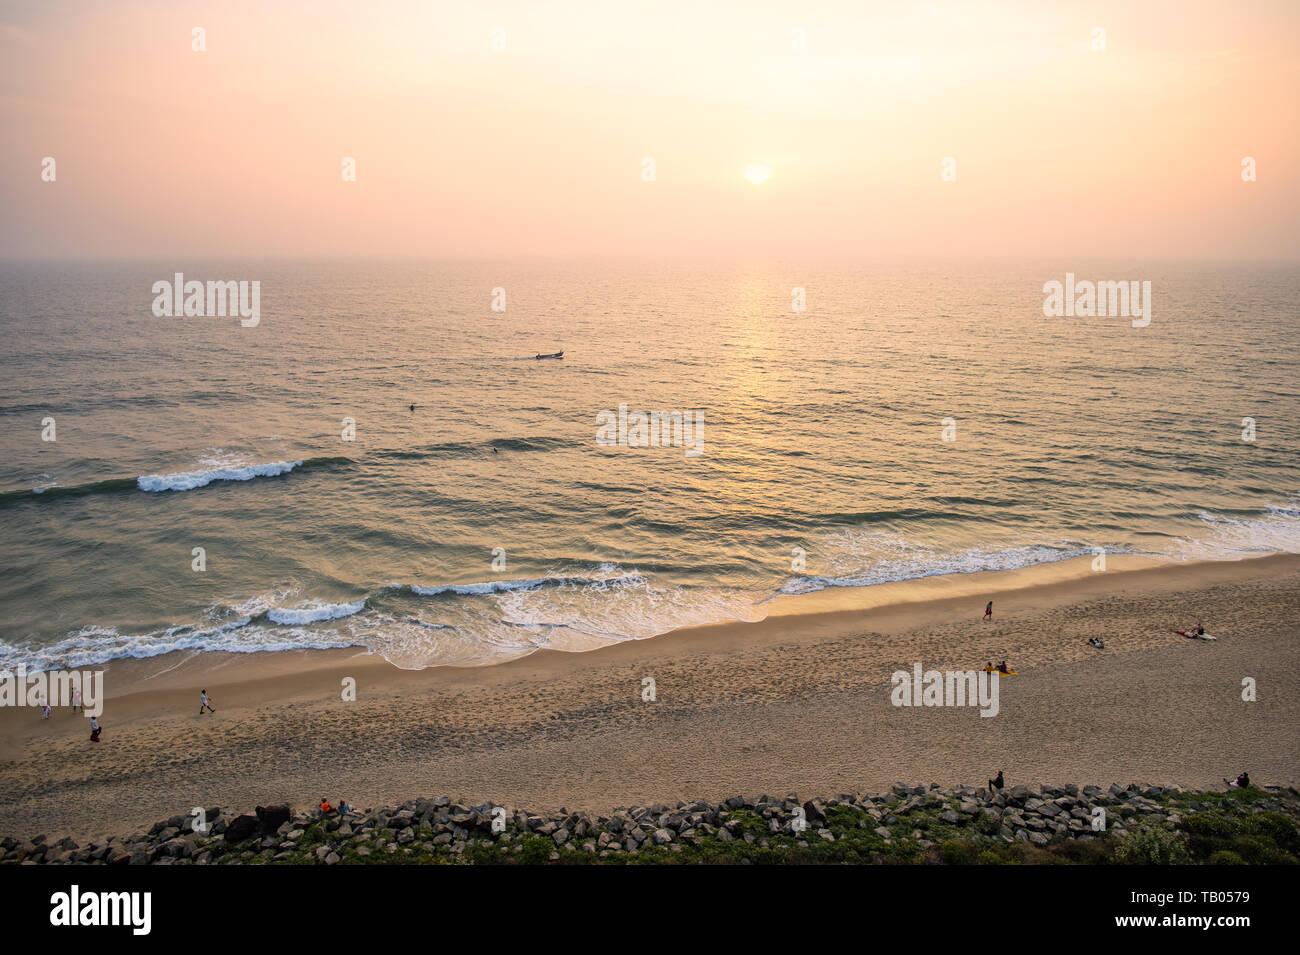 Ansicht von oben, einen atemberaubenden Blick auf einen wunderschönen tropischen Strand mit Menschen Sonnenbaden und genießen einen wunderschönen Sonnenuntergang. Cochin, Kerala, Indien. Stockfoto